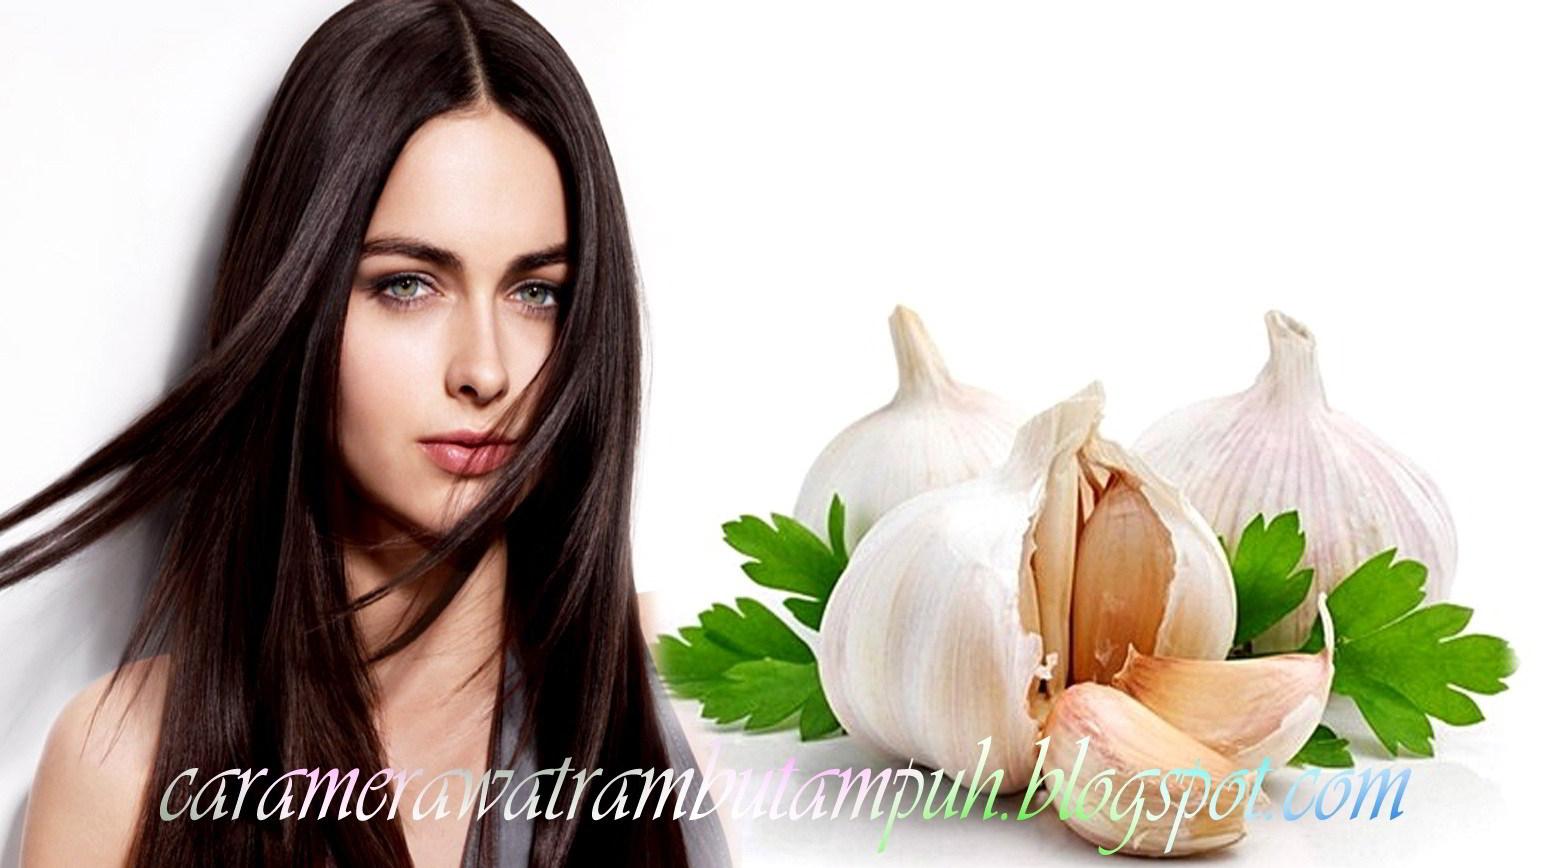 Cara Merawat Rambut Secara Alami dengan Bawang Putih